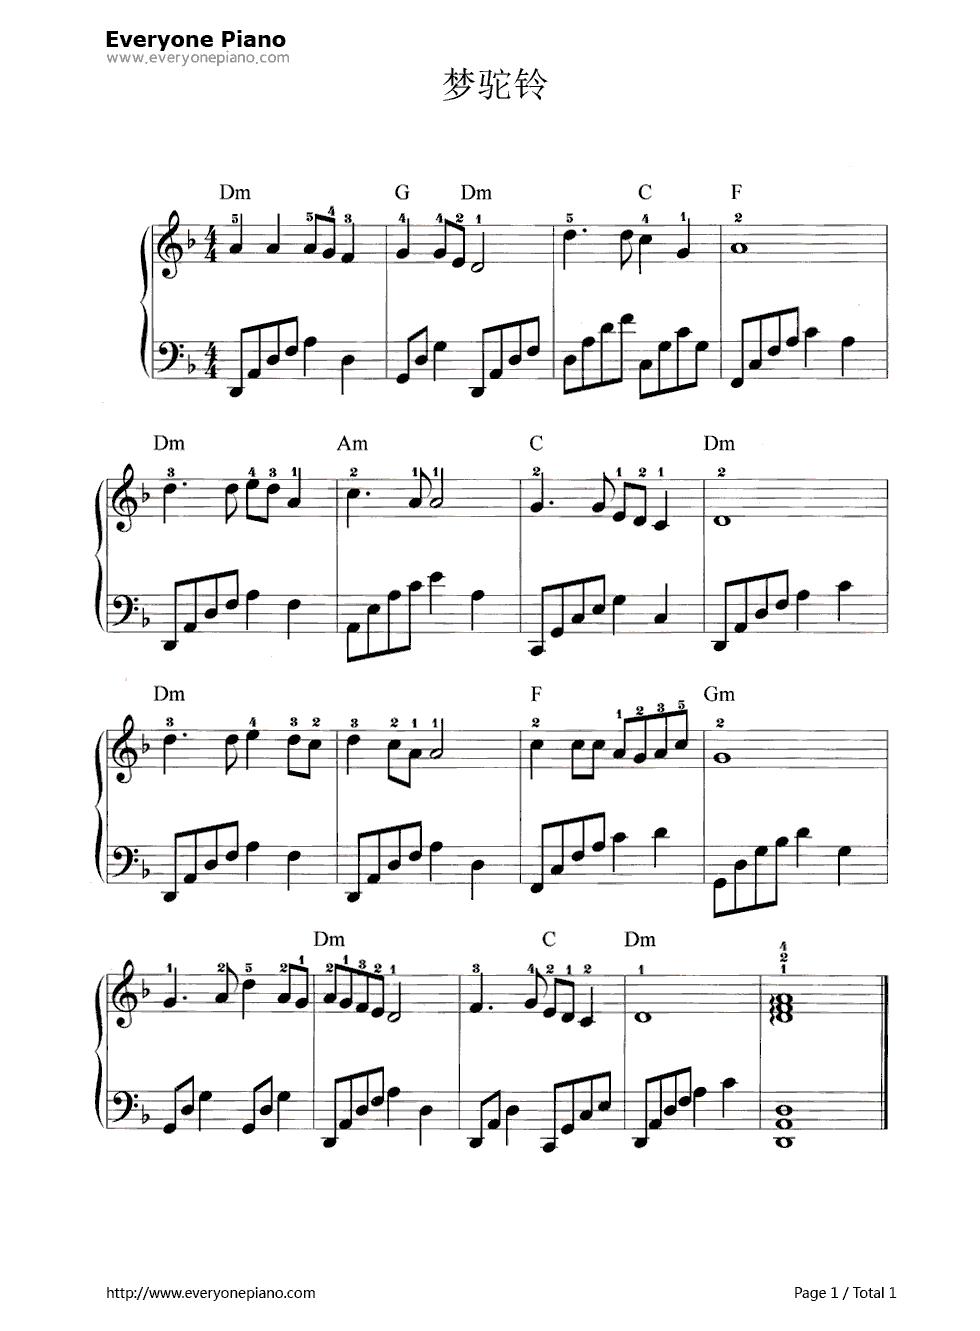 钢琴曲谱 民乐 梦驼铃-张明敏版 梦驼铃-张明敏版五线谱预览1   仅供